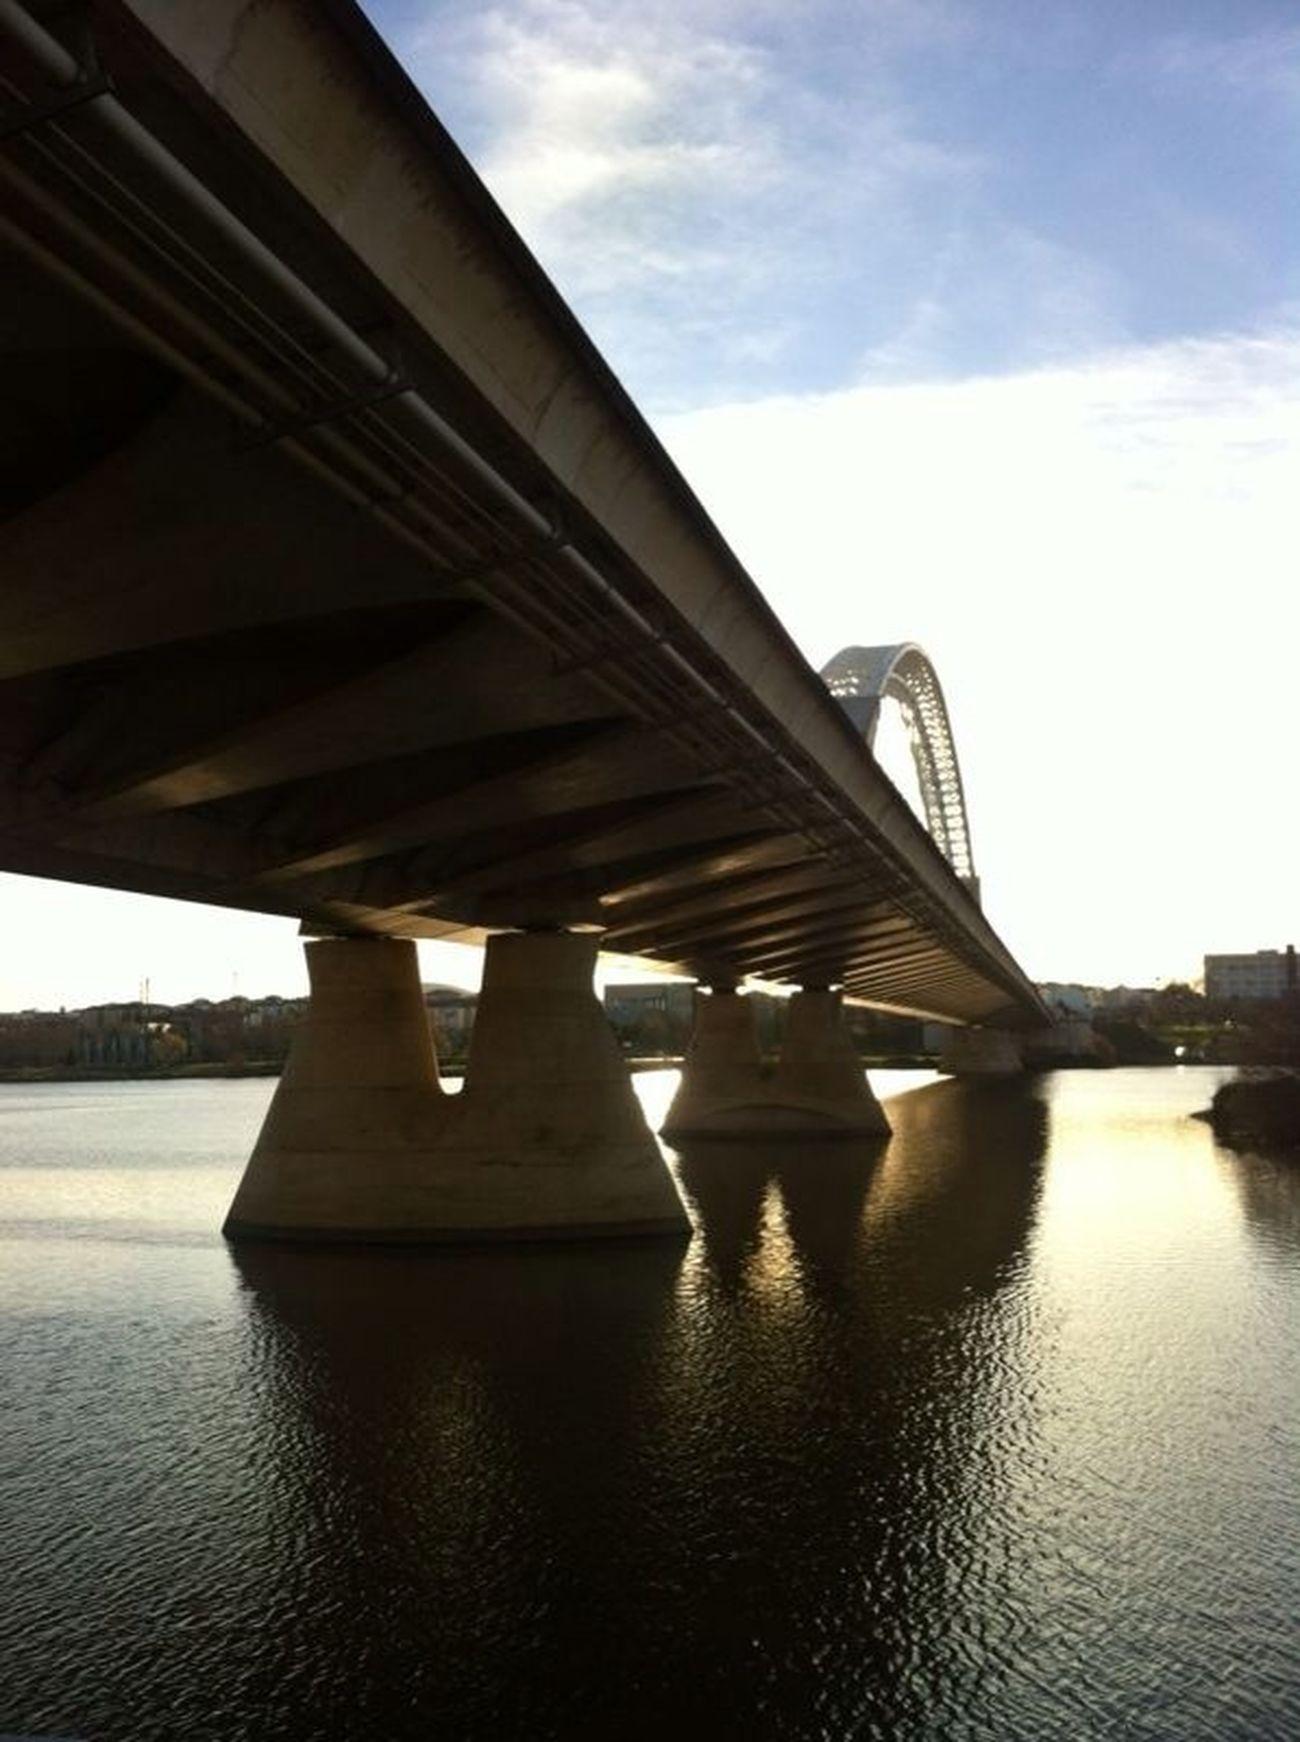 Puente Lusitania desde otra perspectiva. #Mérida